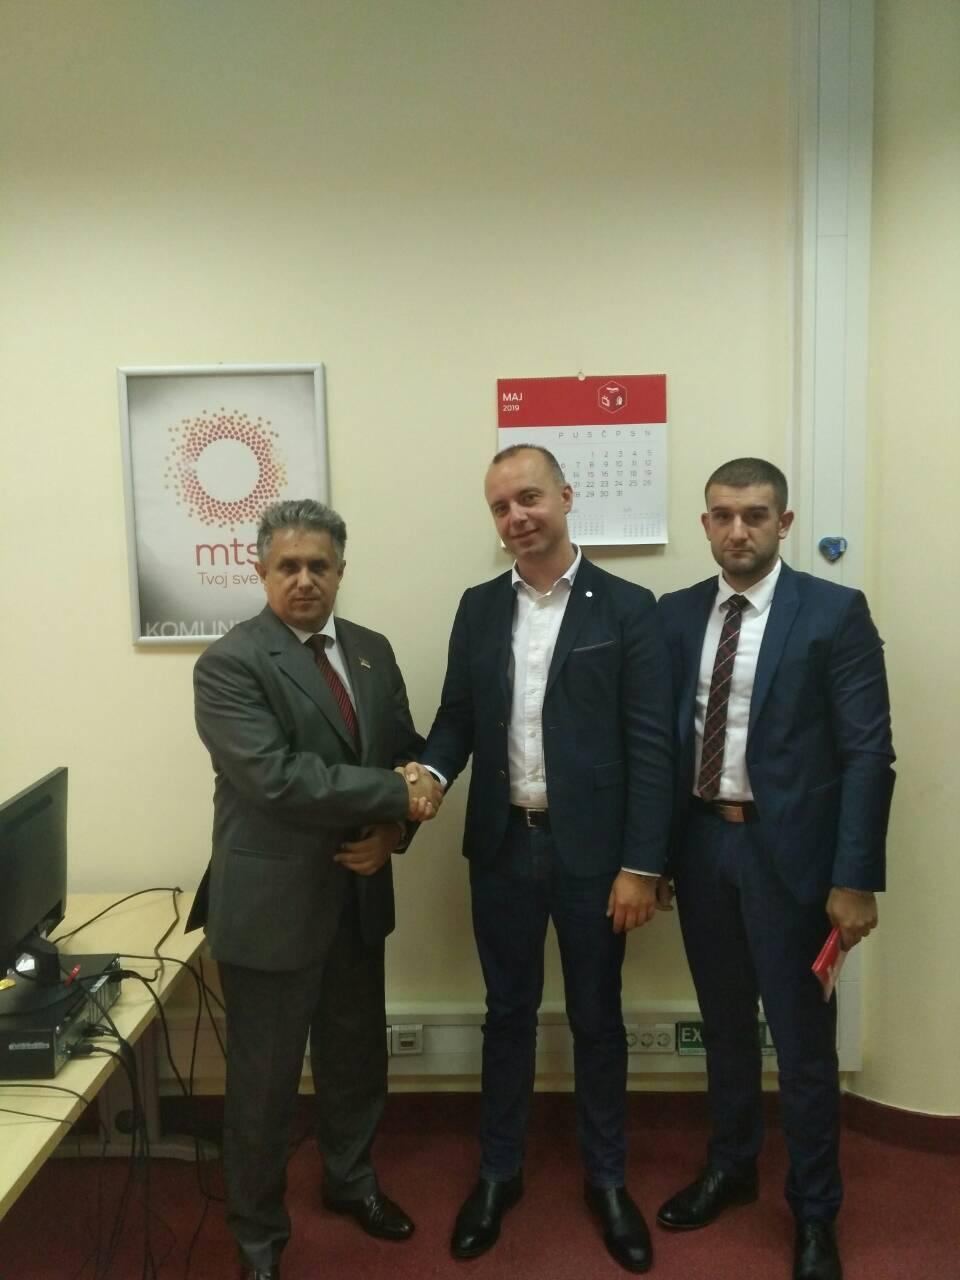 """Miletić sa predstavnicima ,,Telekoma"""" u Beogradu o problemu gašenja ,,CDMA"""" bežično-fiksne telefonije"""